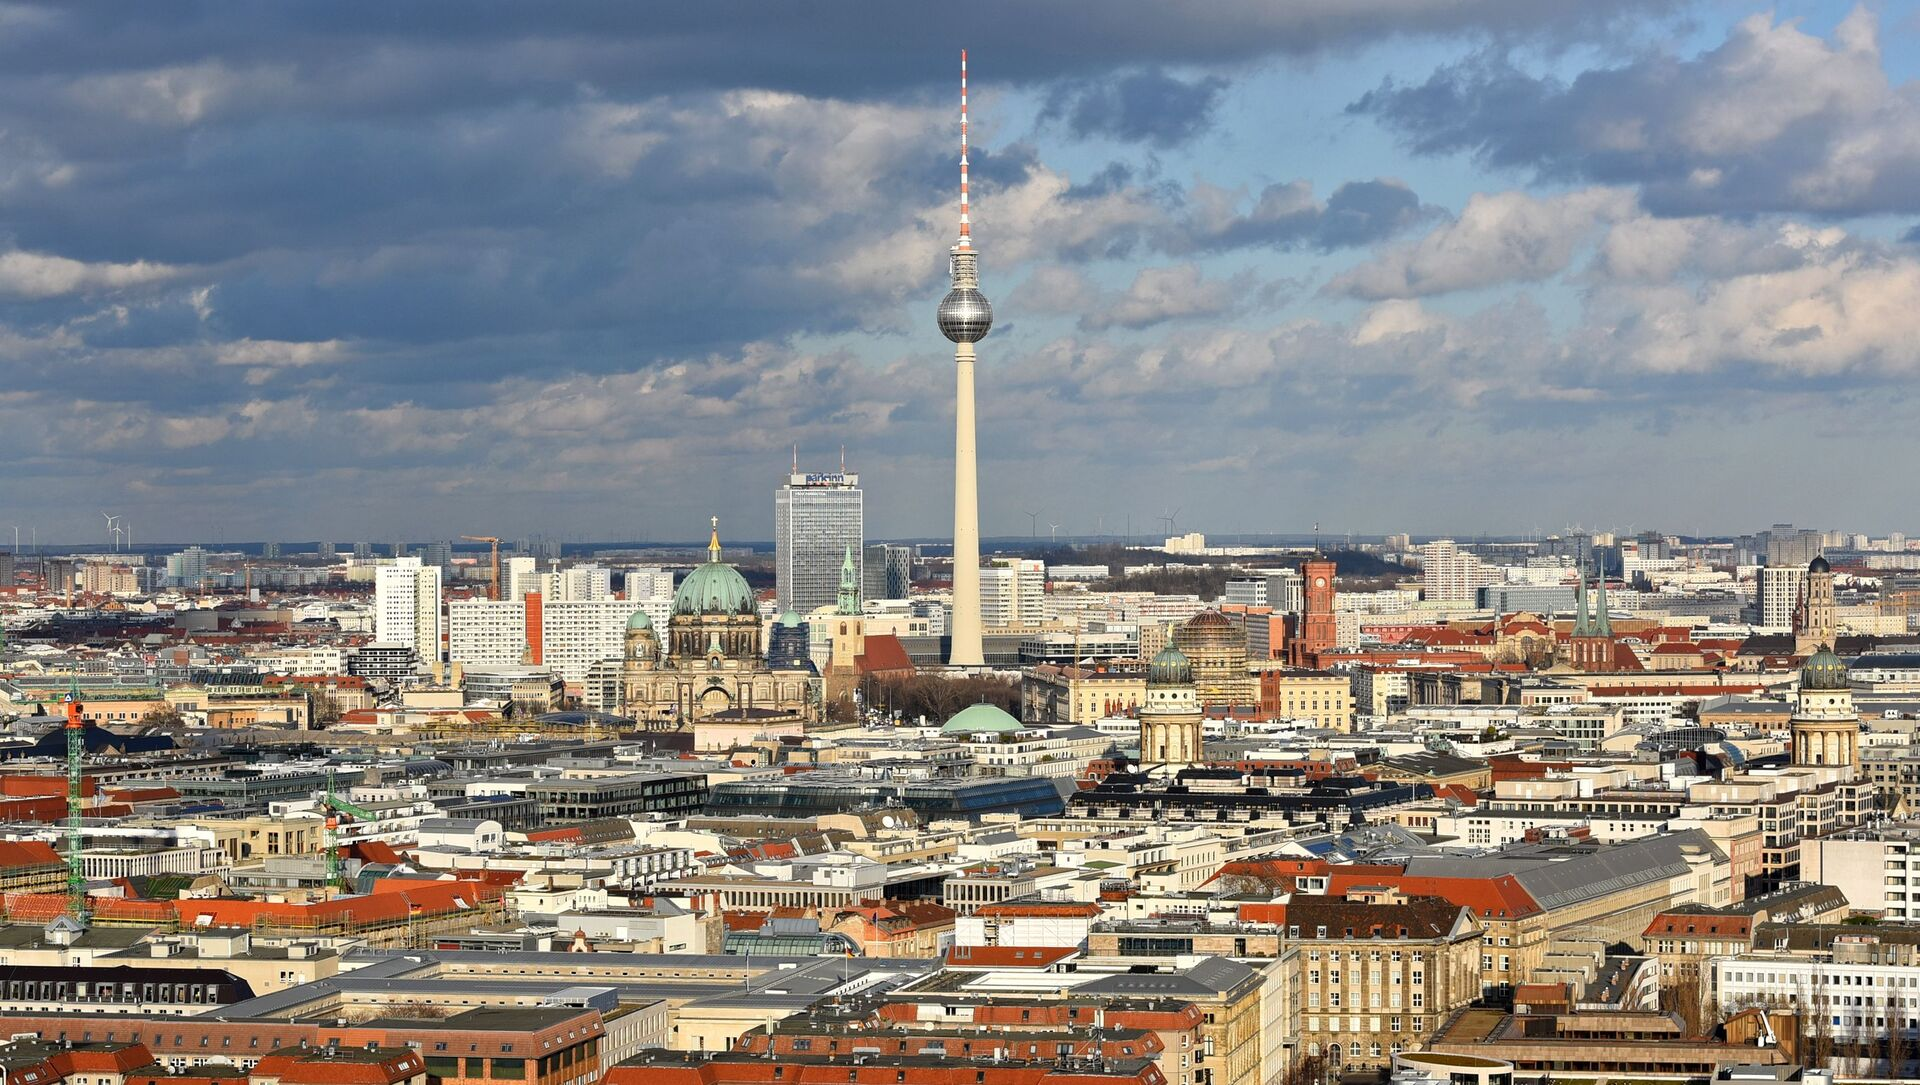 Wieża telewizyjna Fernsehturm w centrum Berlina, Niemcy - Sputnik Polska, 1920, 09.02.2021